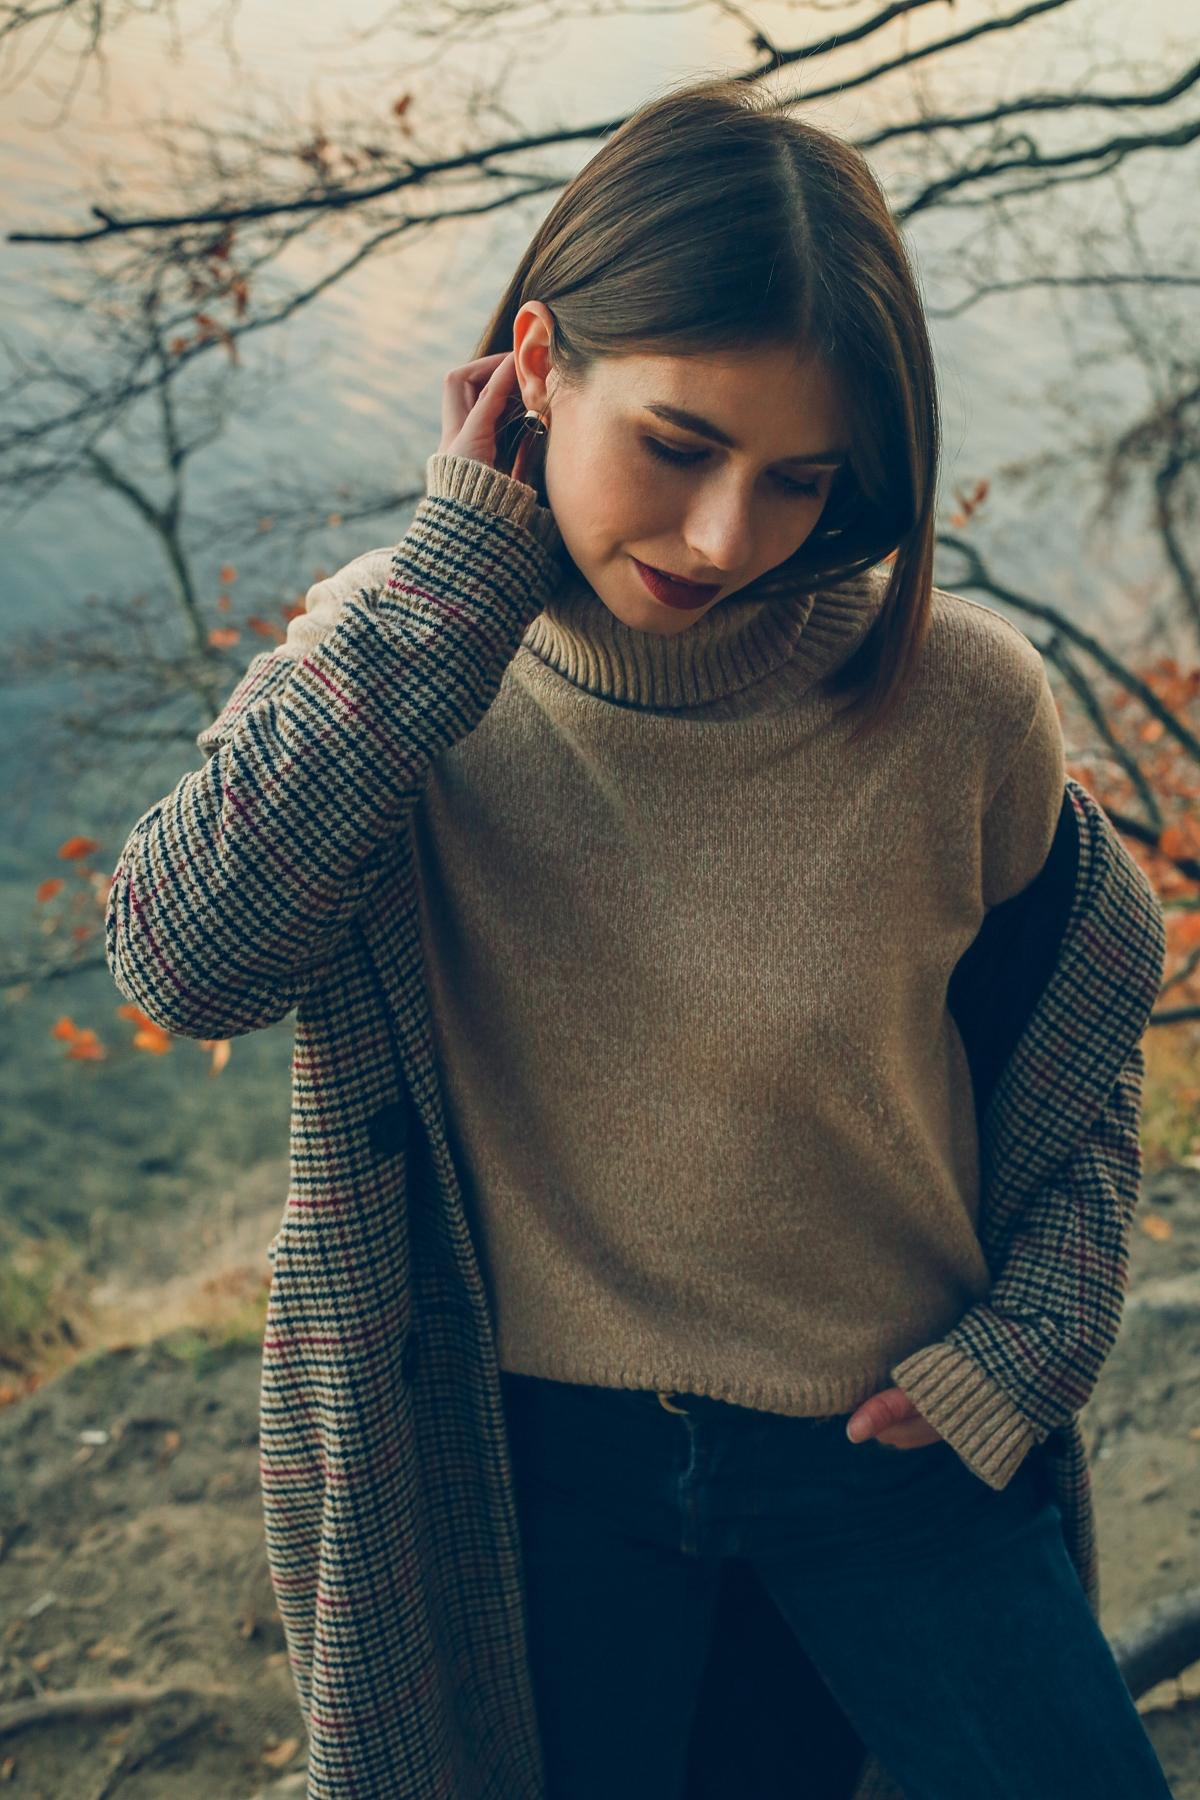 klif orłowski jesienny look ootd